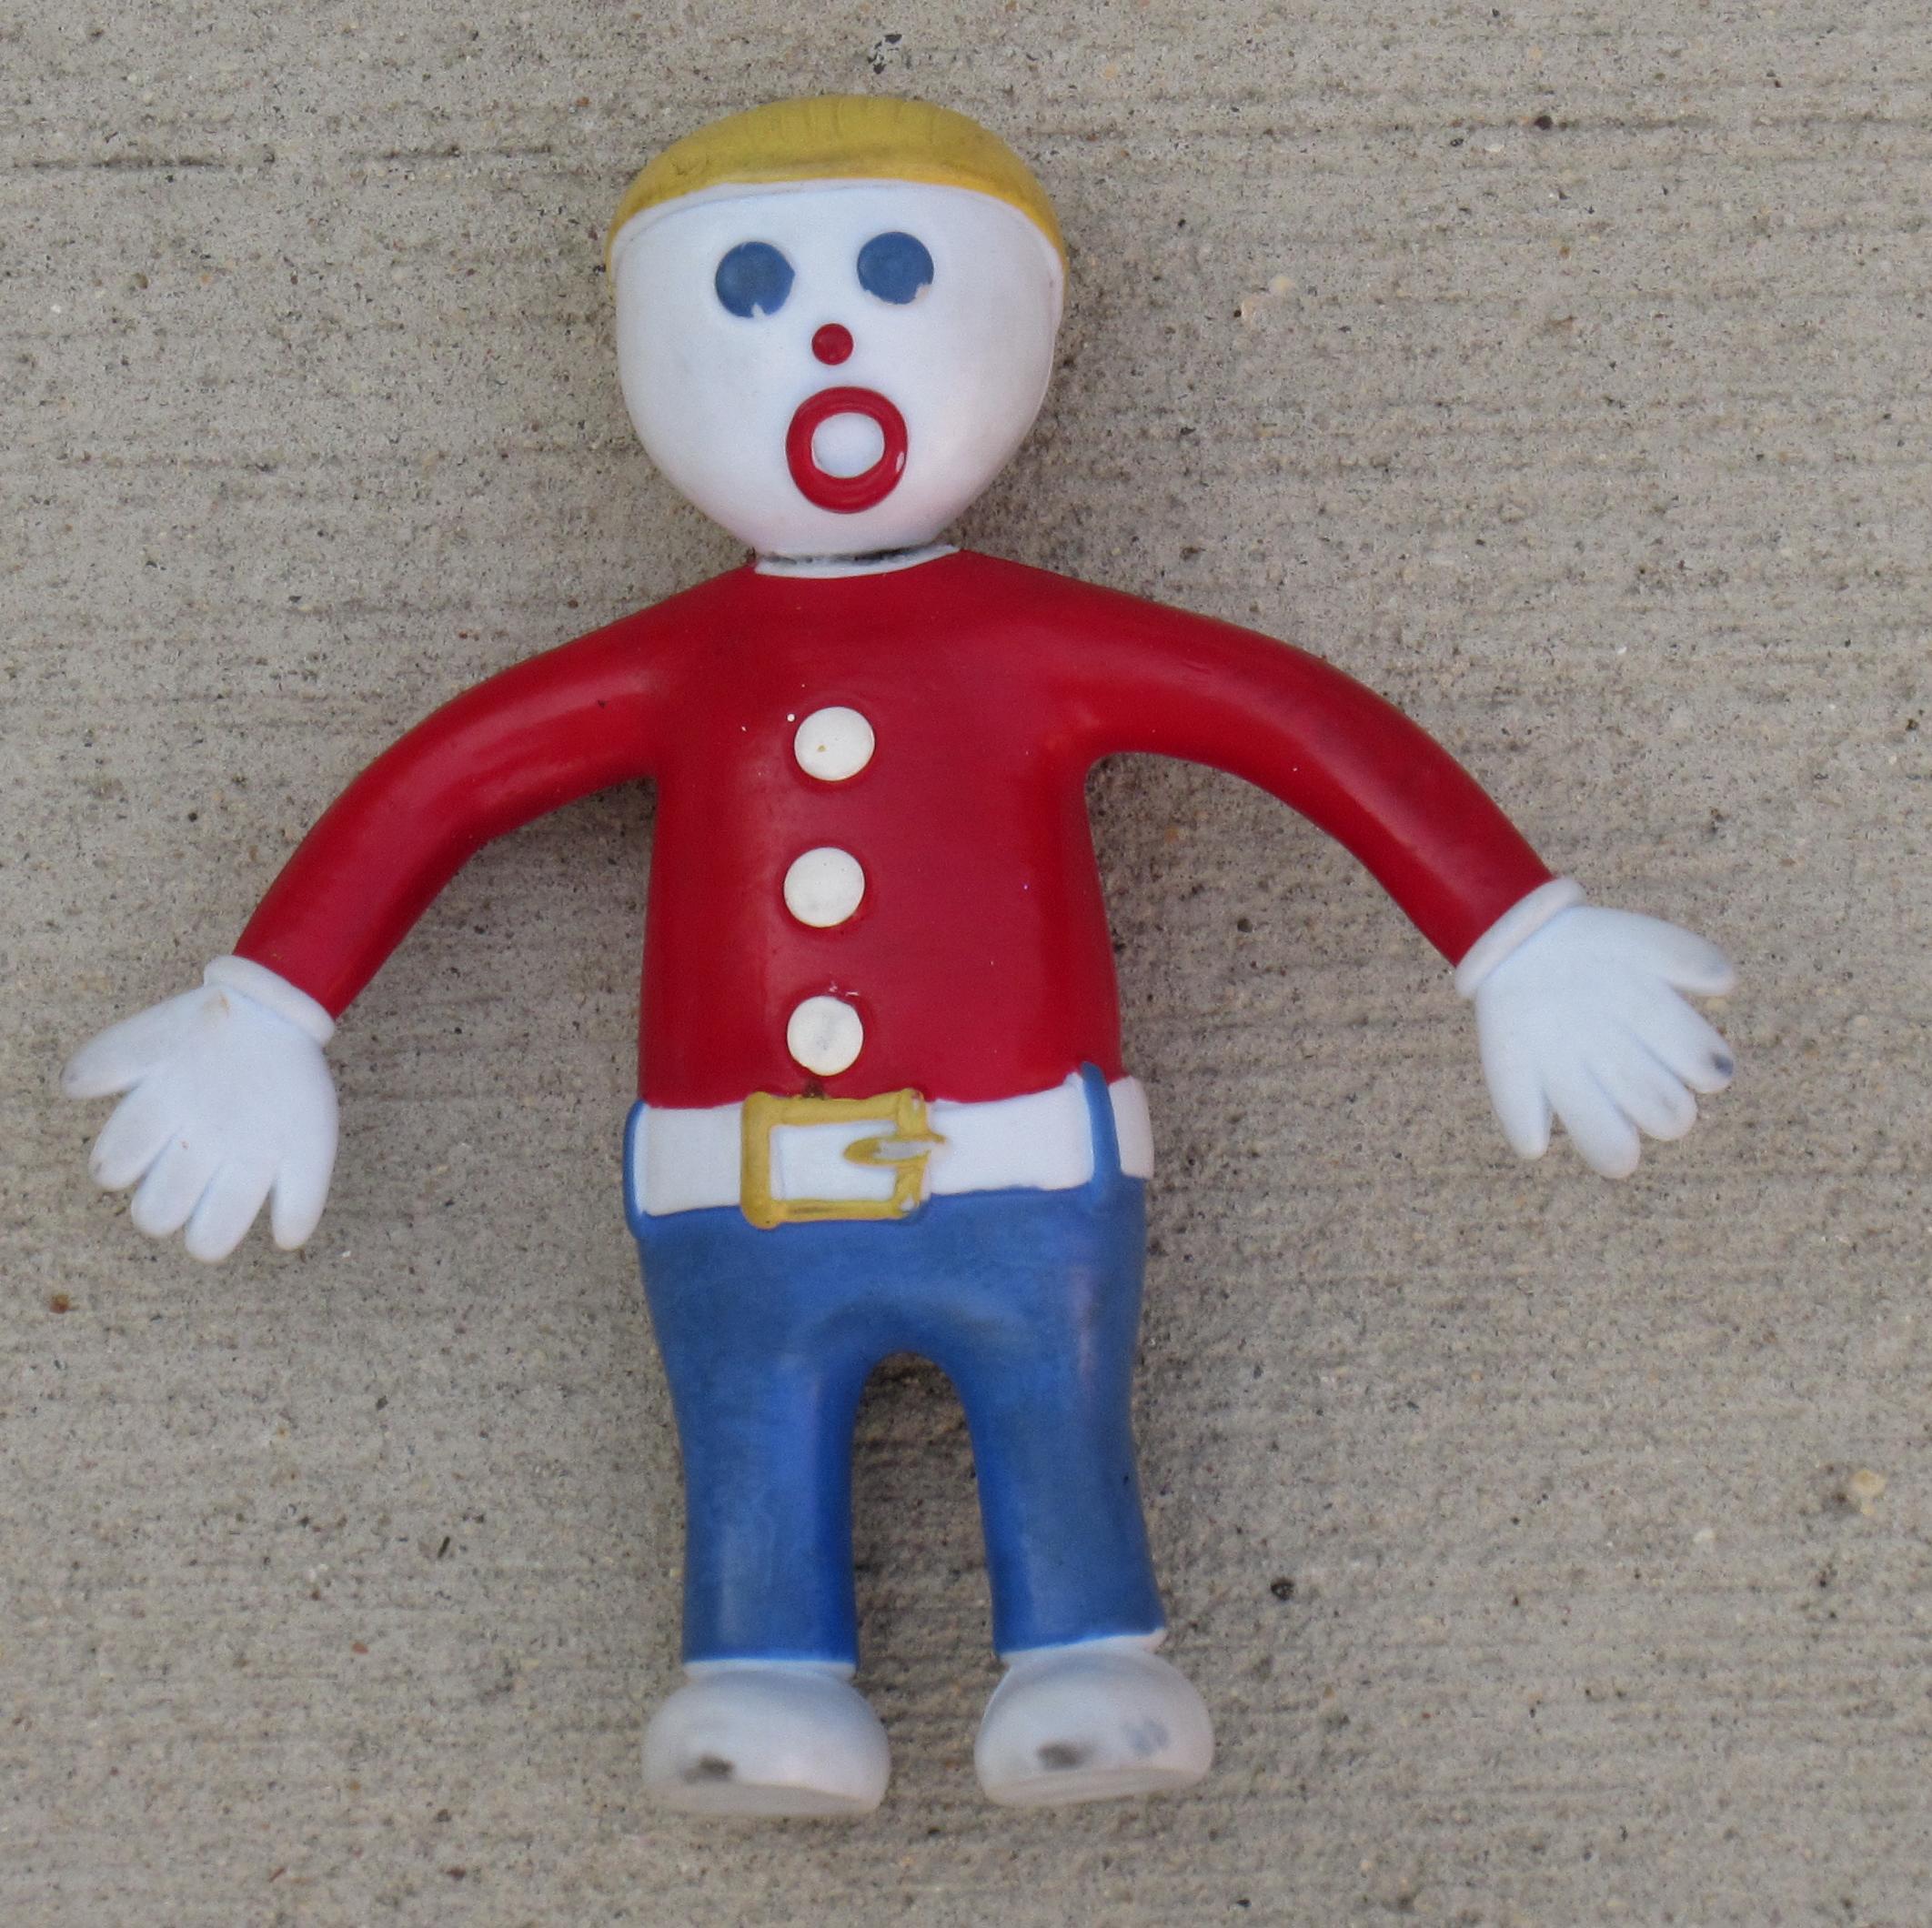 Snl mrbill doll